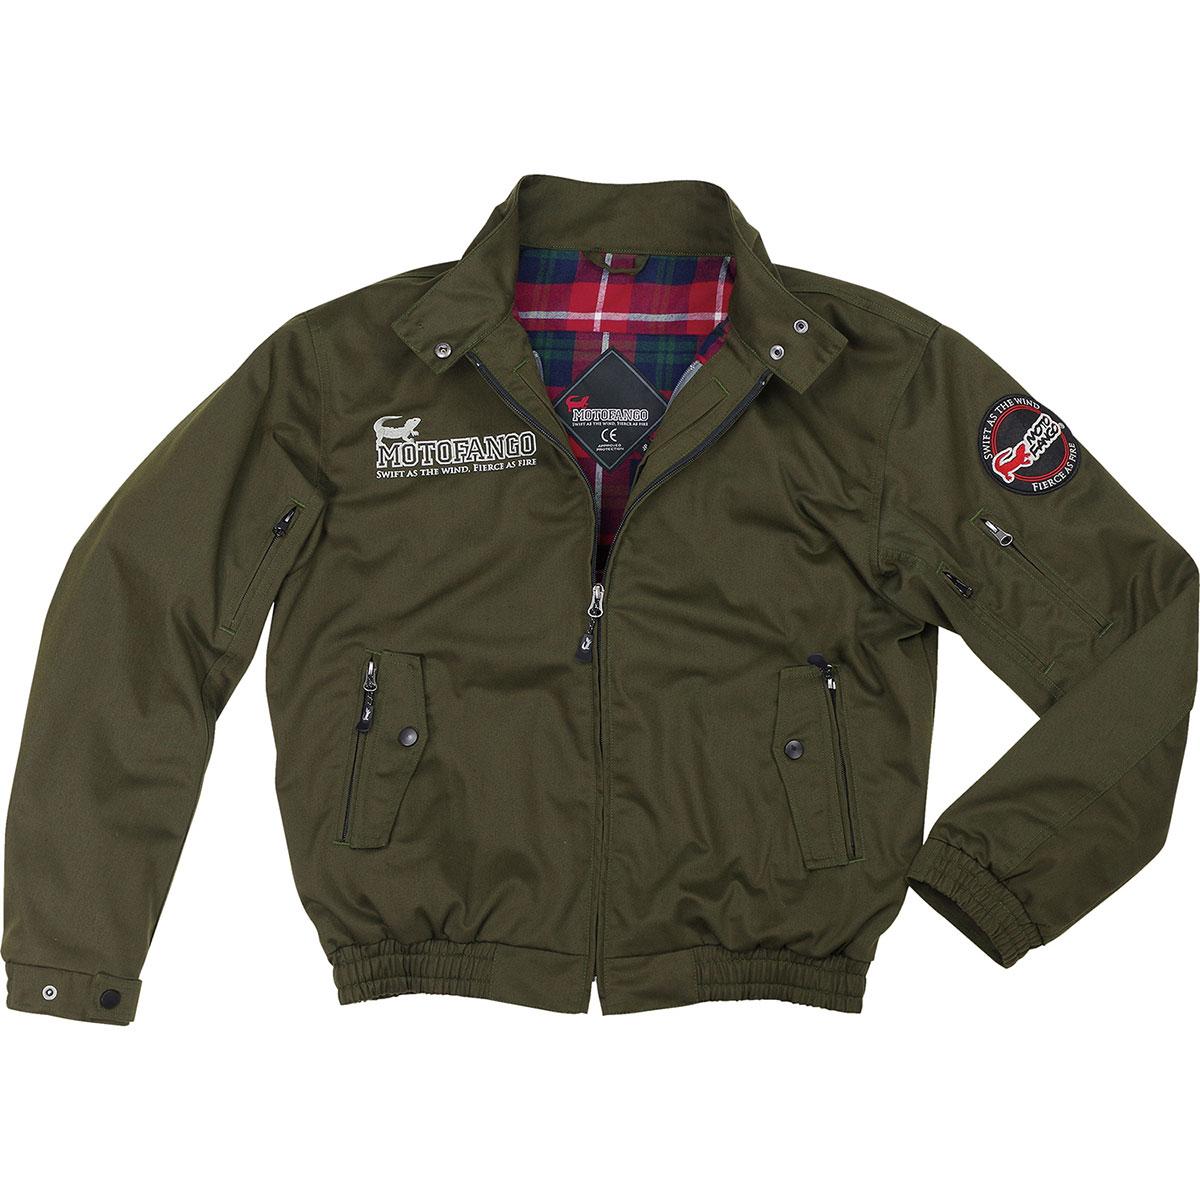 コミネ (Komine) バイク用 ジャケット Jacket JK-591 プロテクトスイングトップジャケット ダーク オリーブ Lサイズ 07-591/OL/L